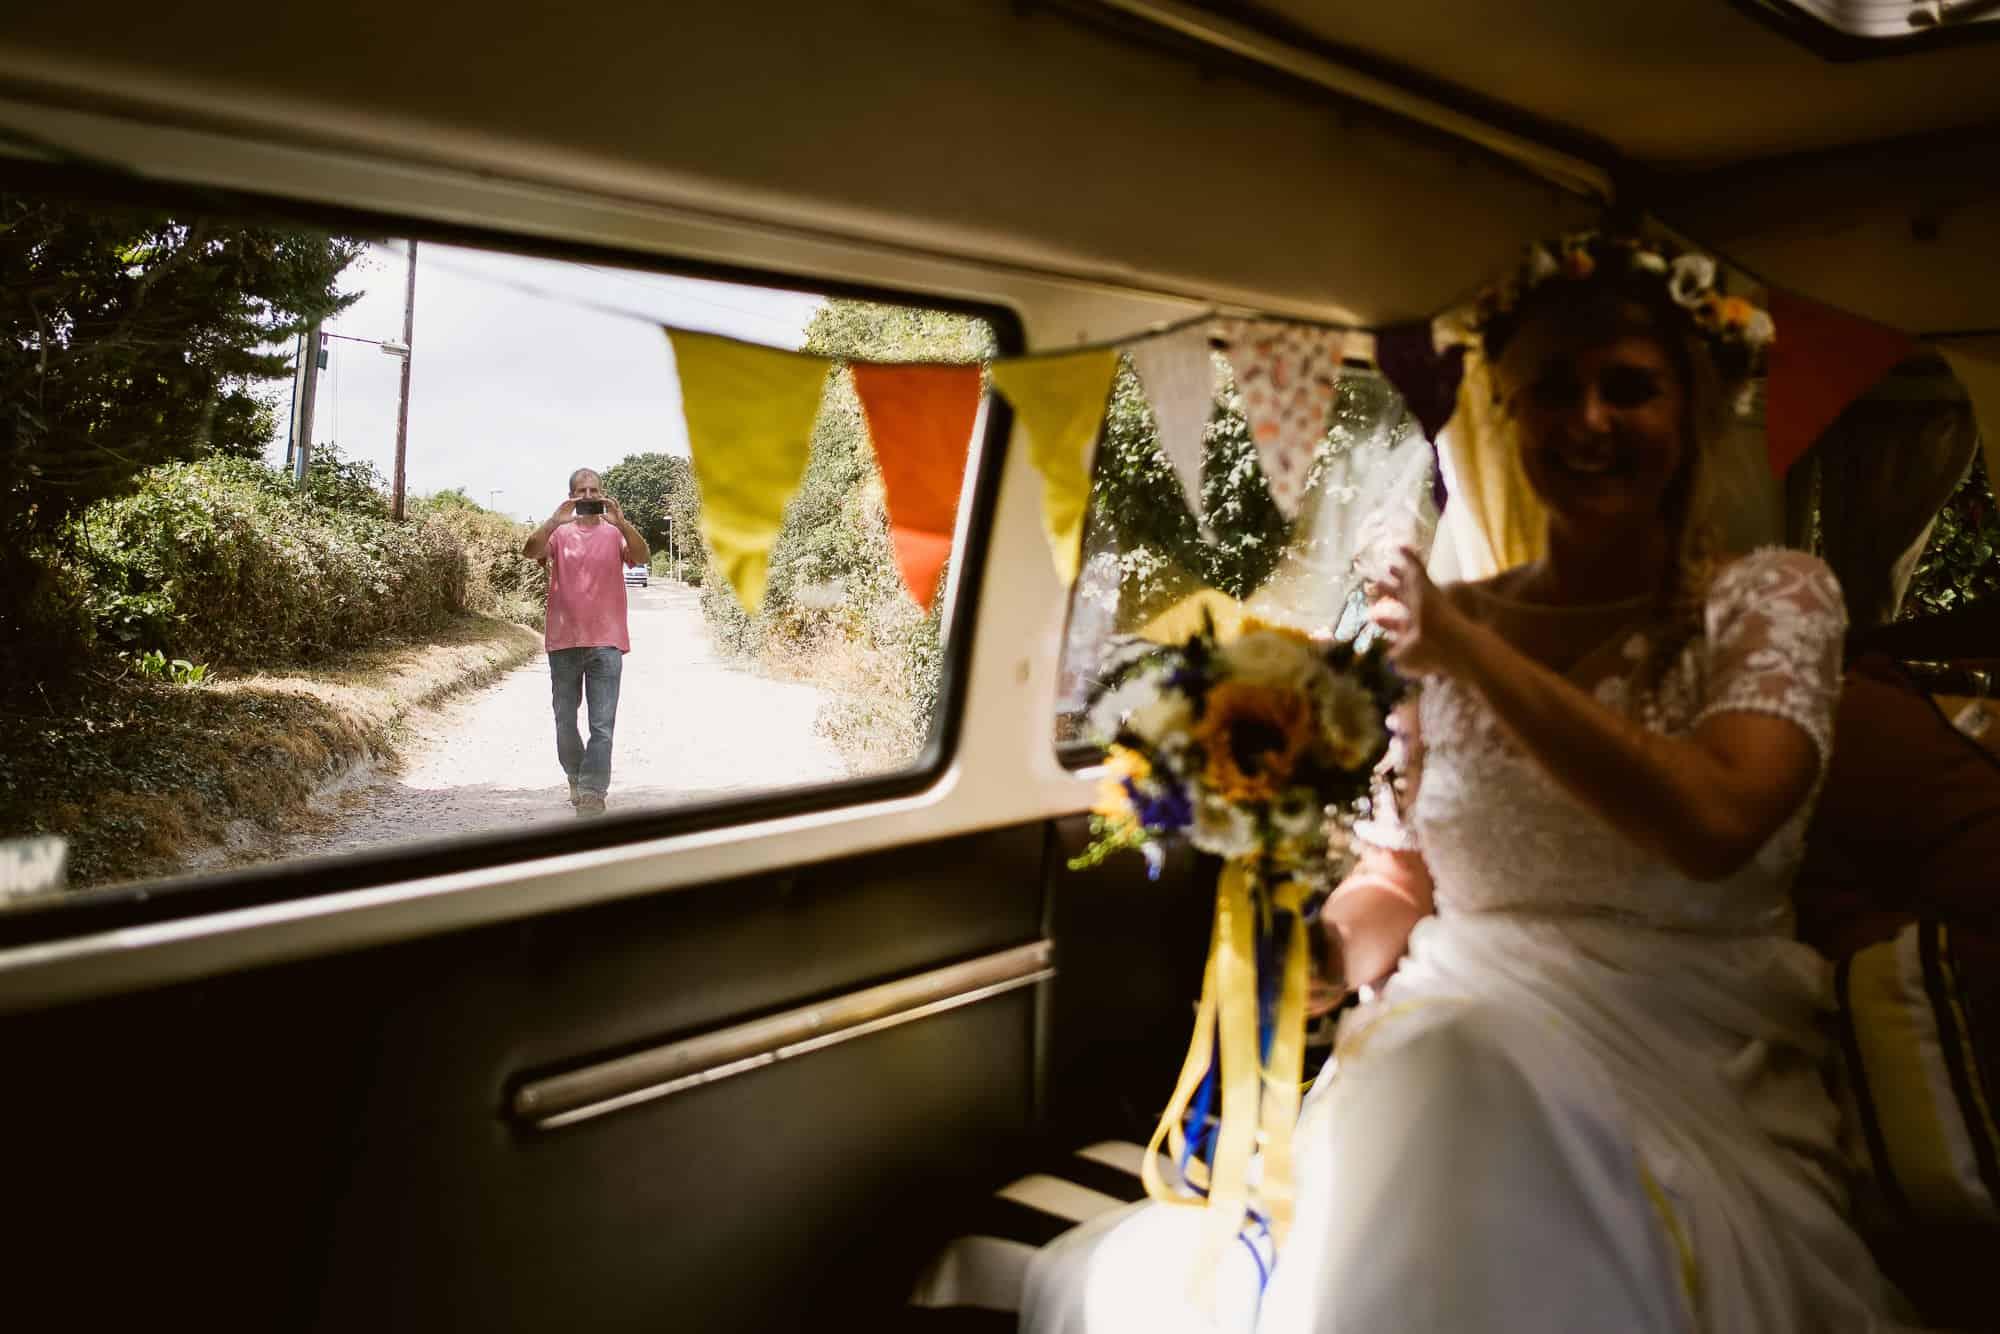 east-quay-wedding-photography-matt-tyler-0021